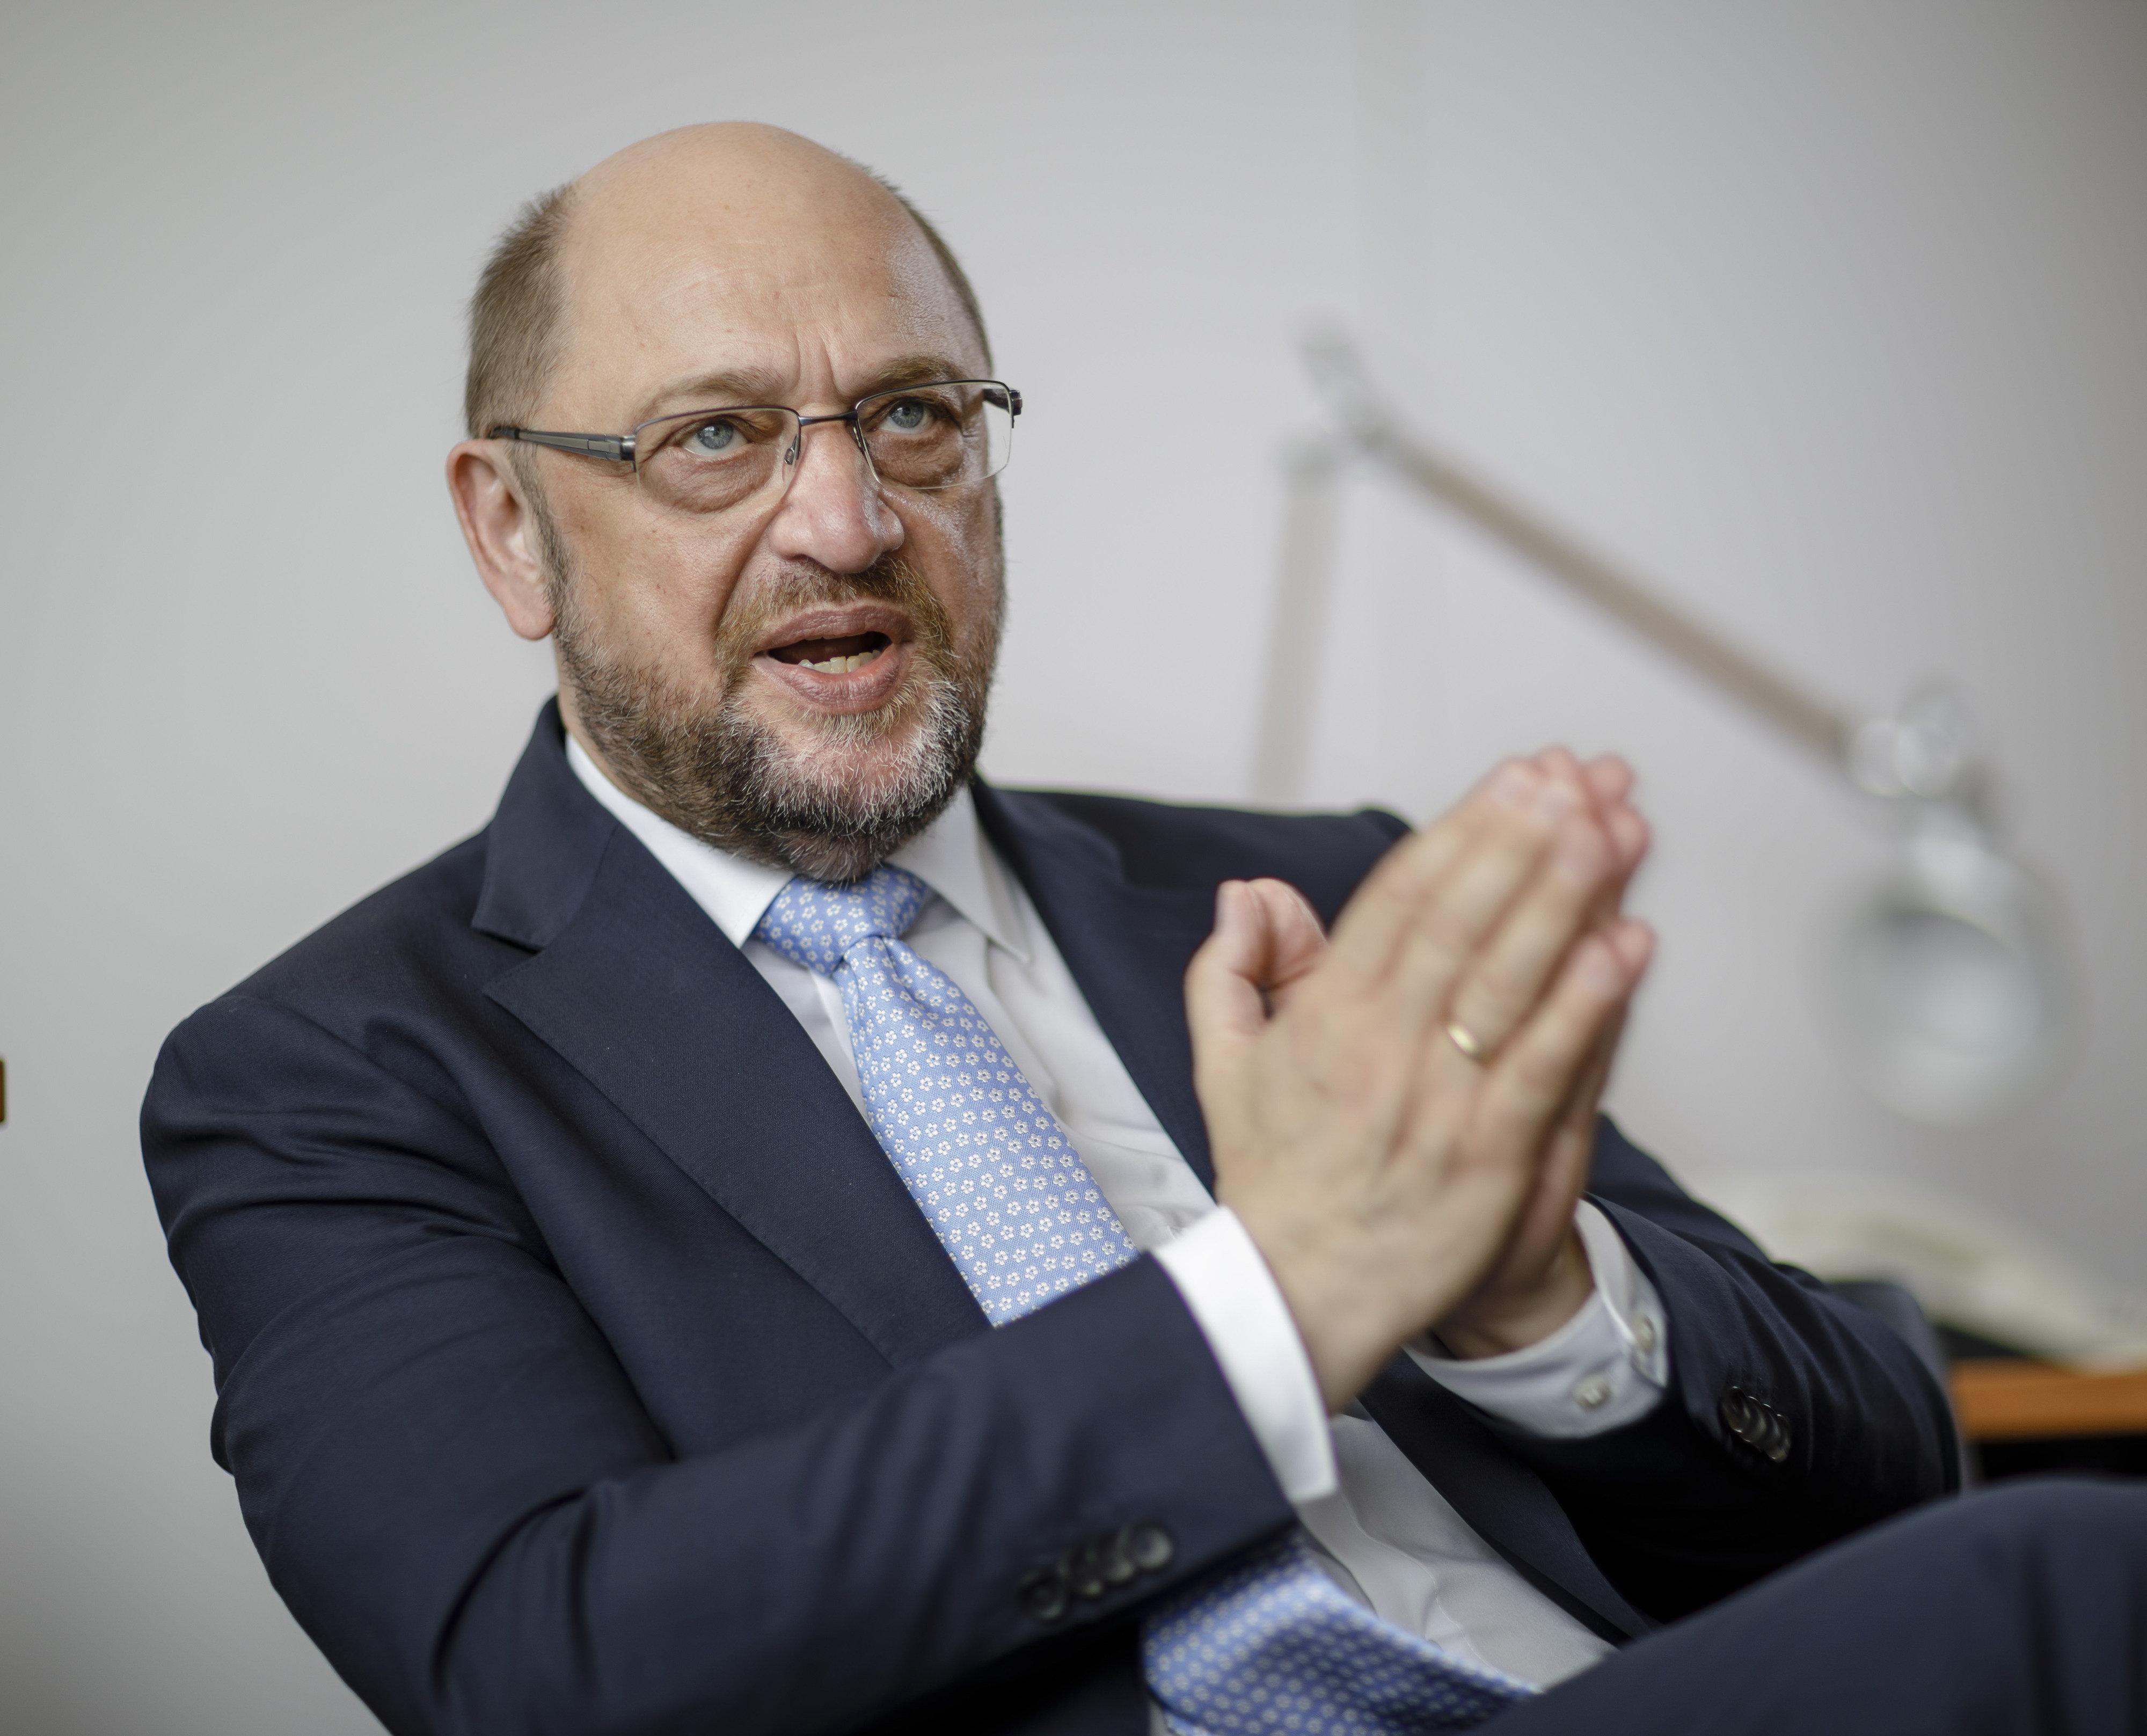 Maaßen wird Staatssekretär für Sicherheit - SPD-Mann muss gehen